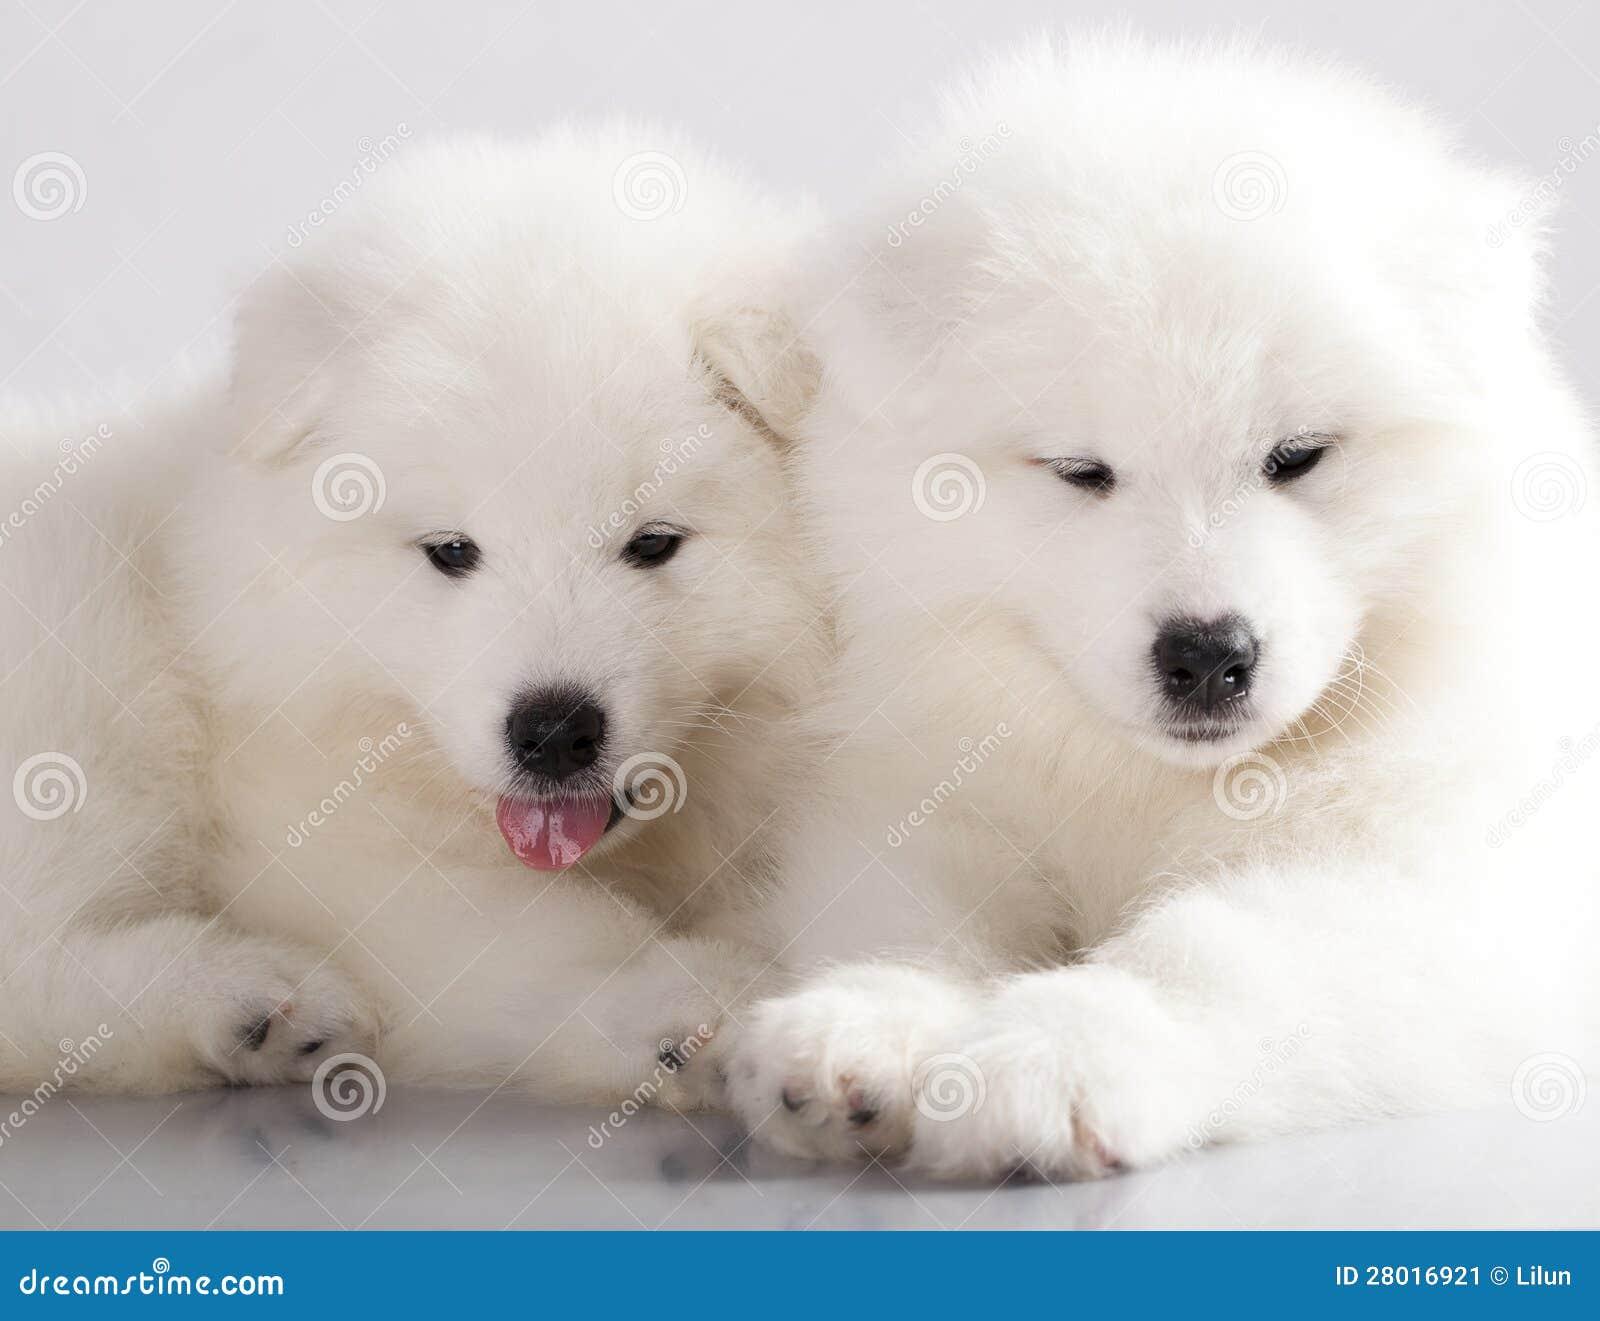 samoyed puppy stock image image 28016921